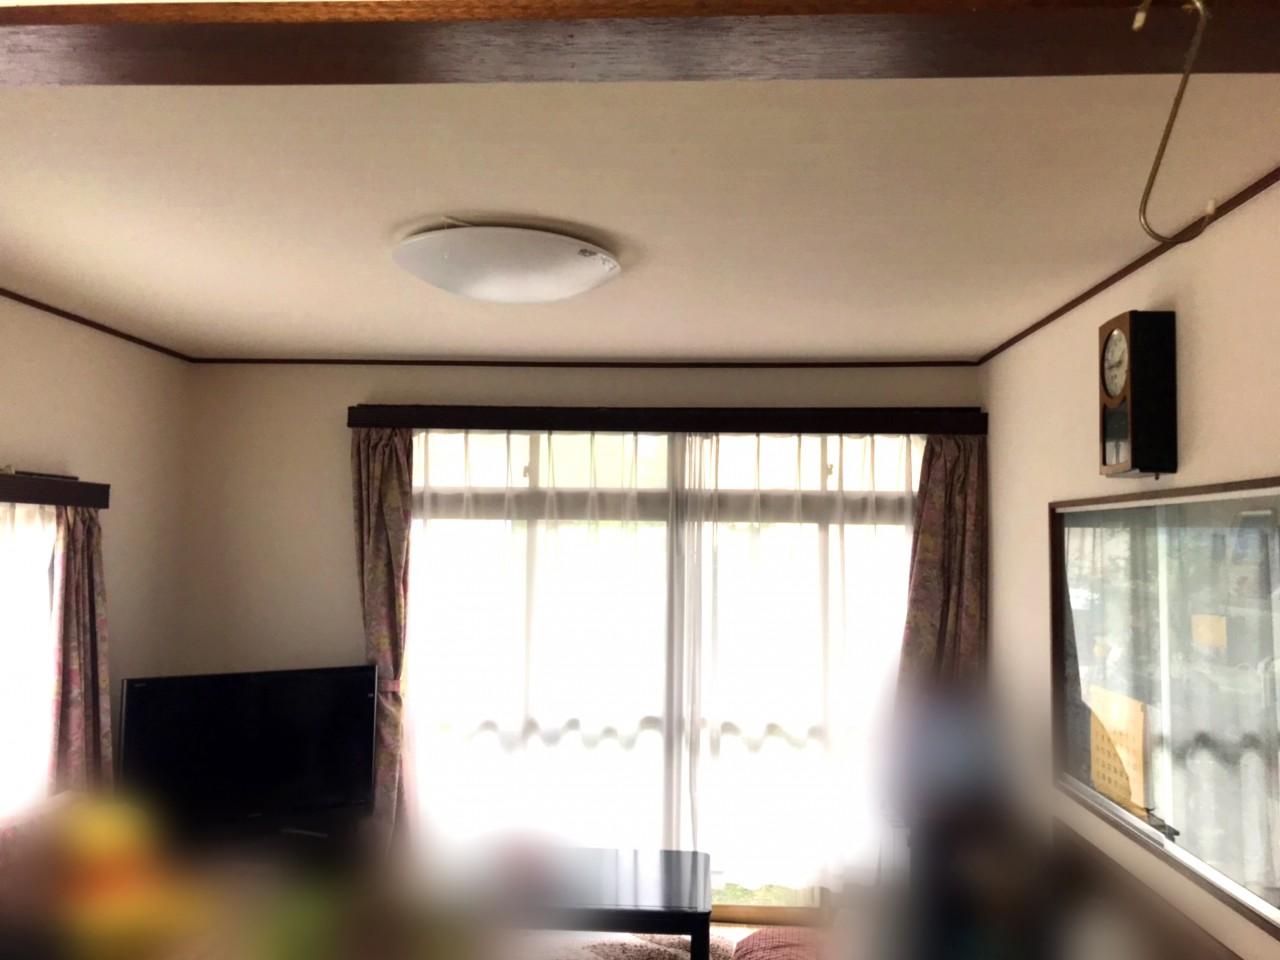 ワンコと住む家にリノベーション!なんていかがでしょう?